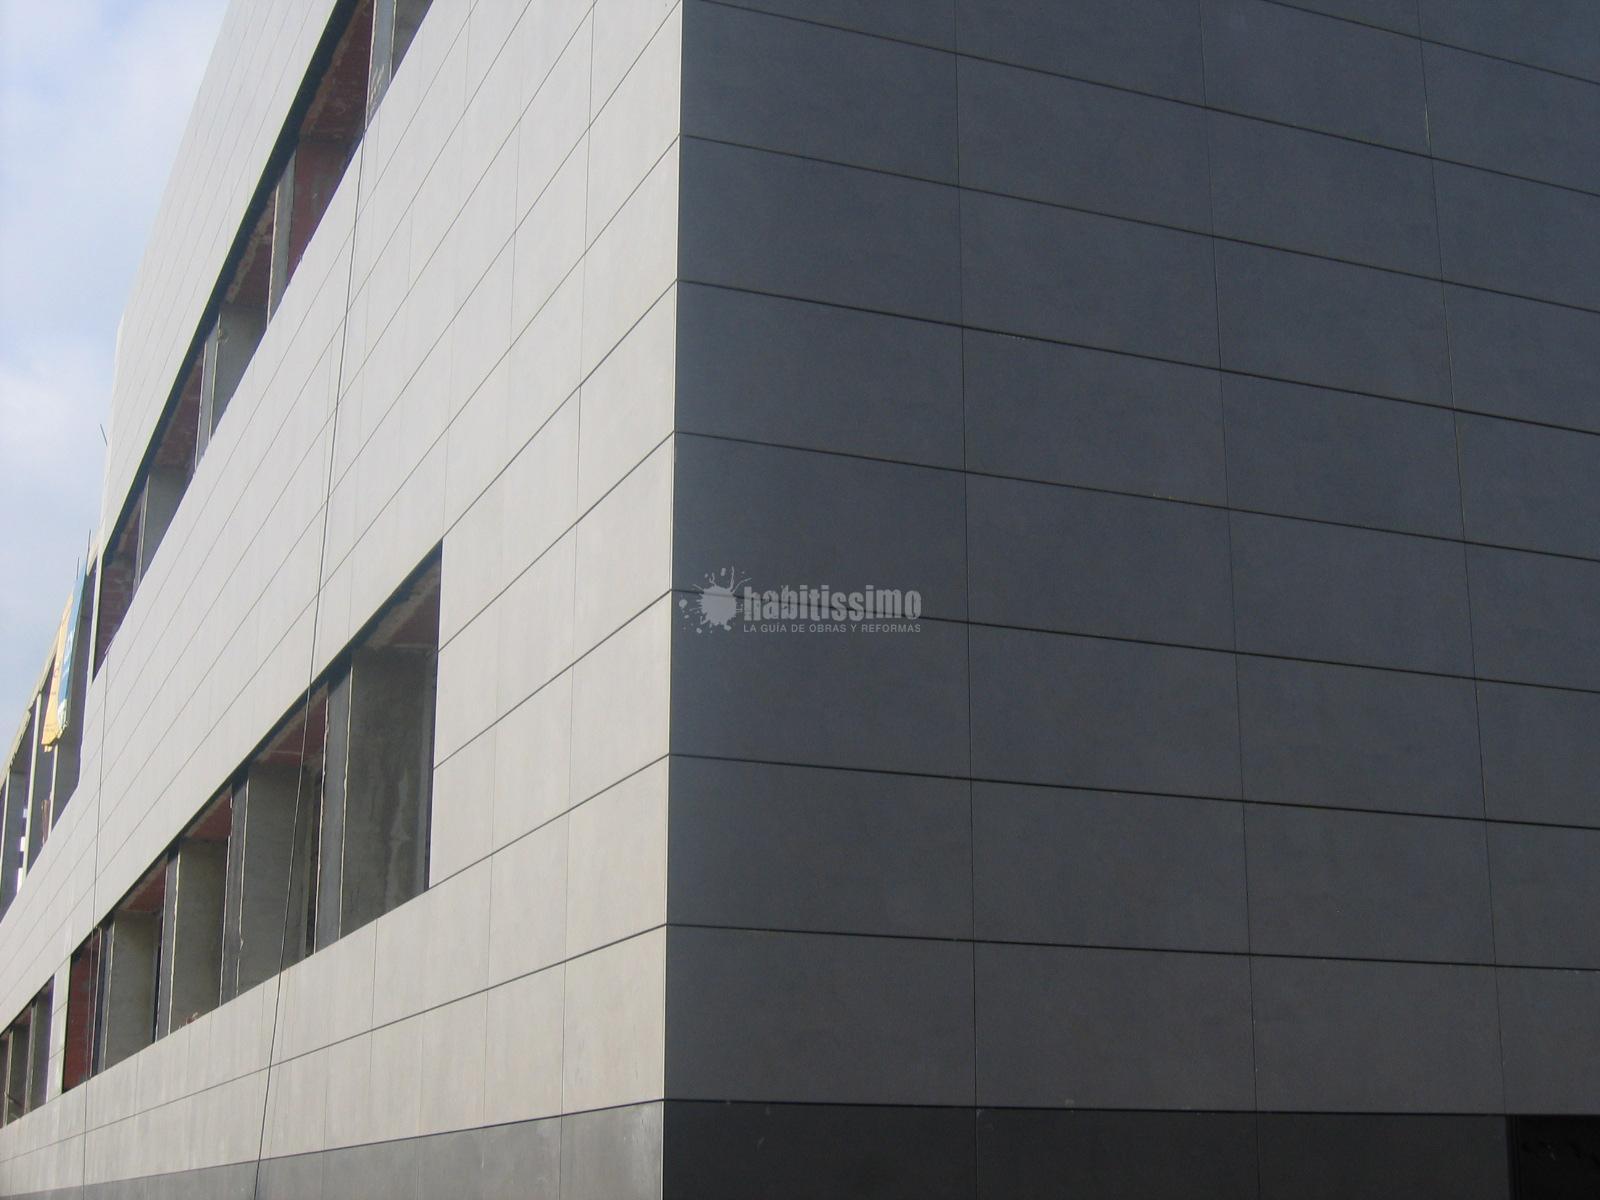 Fachadas cer micas fachada ventilada en paterna ideas - Precio fachada ventilada ...